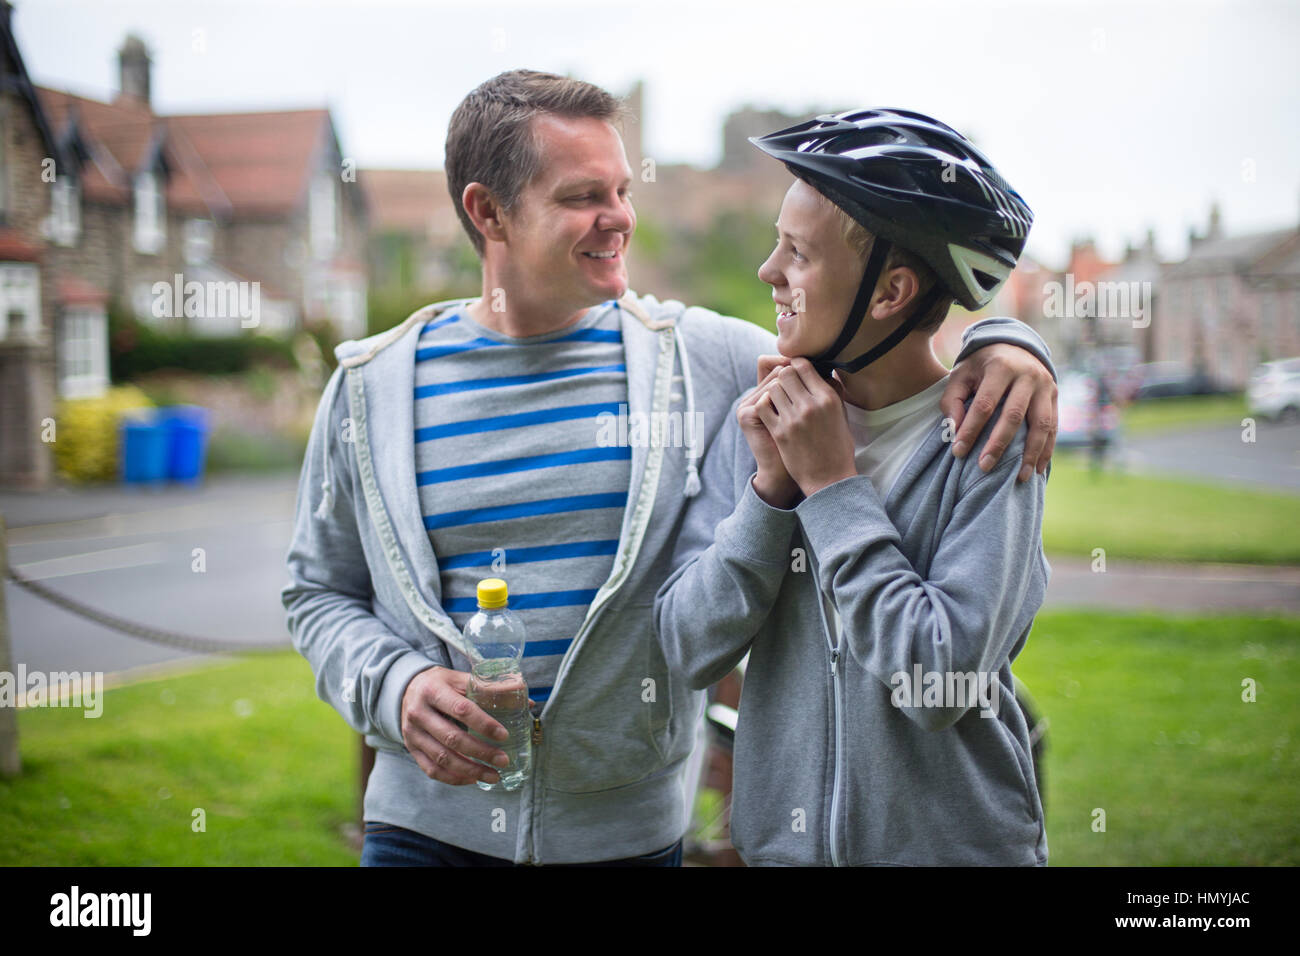 Padre e hijo preparándose para su bicicleta. El padre tiene su brazo alrededor de su hijo y están sonriendo Imagen De Stock